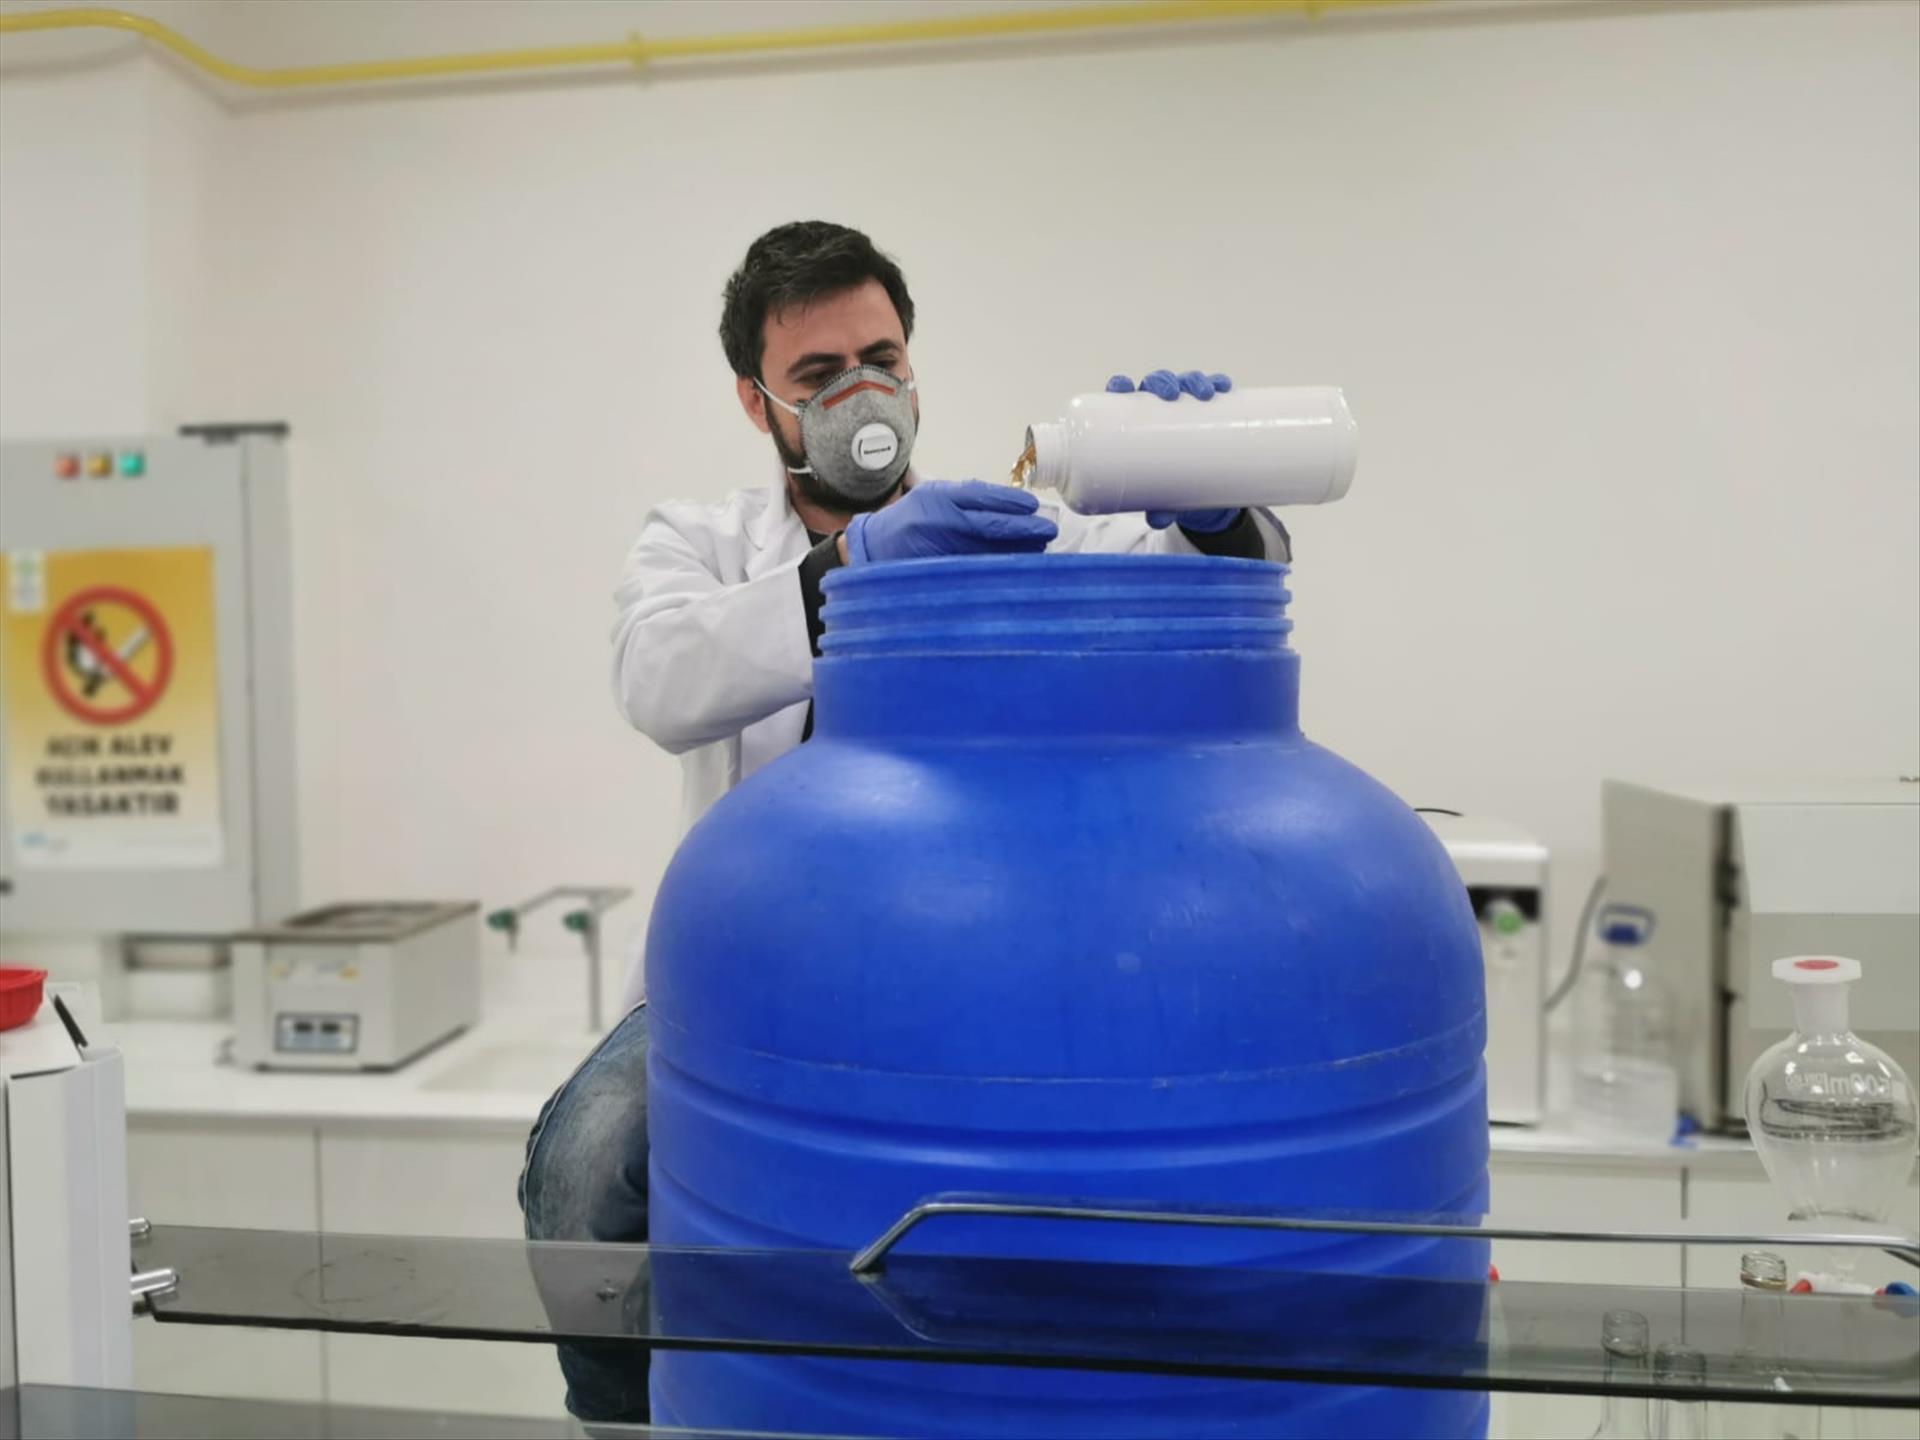 Üniversitemiz Dezenfeksiyon Çalışmalarını Kendi Üretimi Dezenfektanlarla Yapıyor